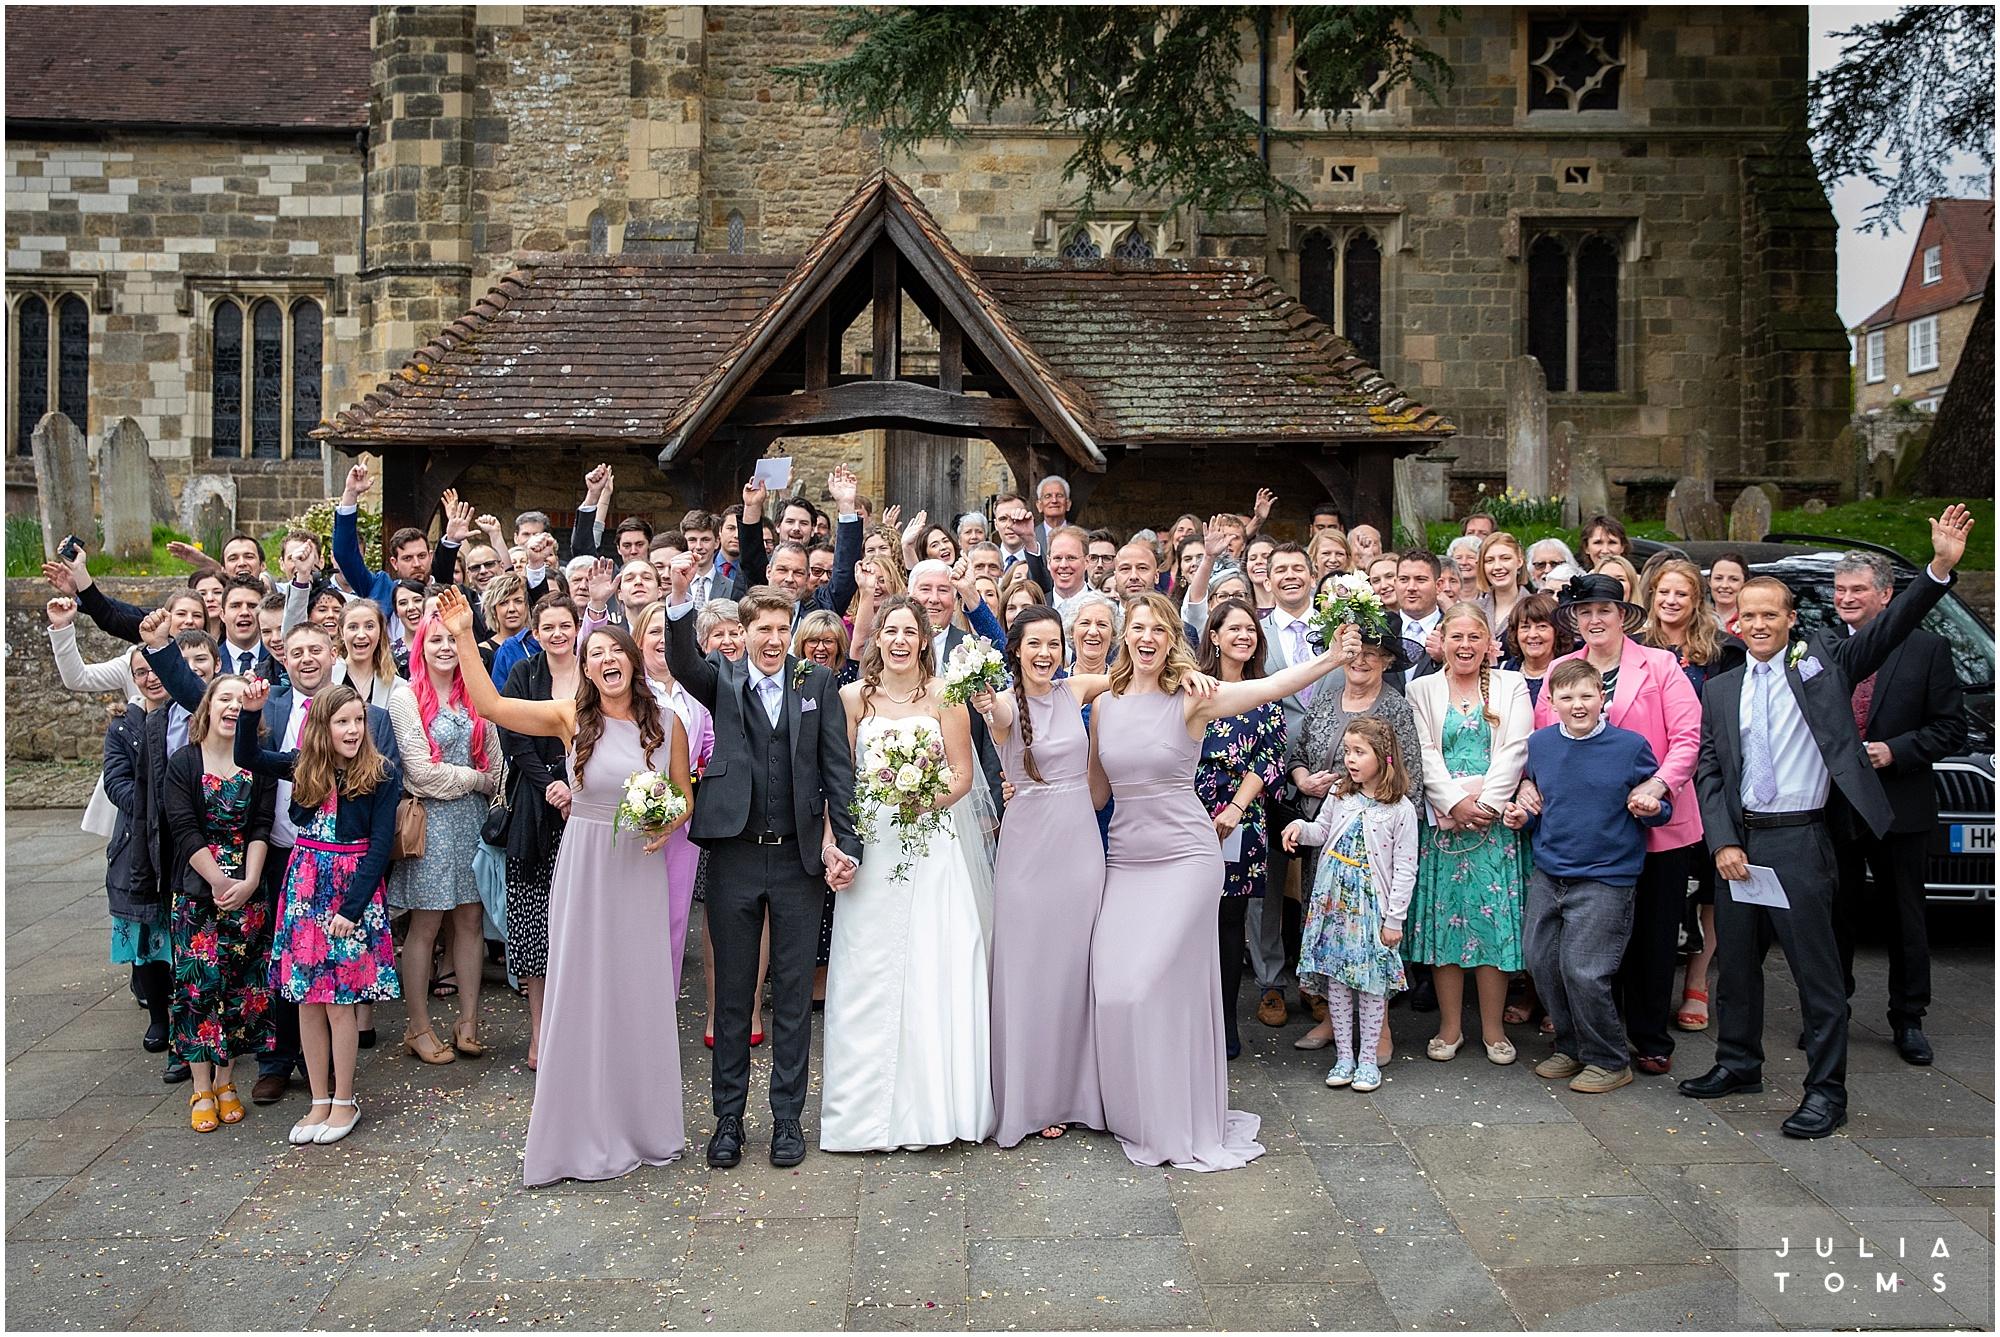 juliatoms_christian_wedding_photogtapher_midhurst_009.jpg